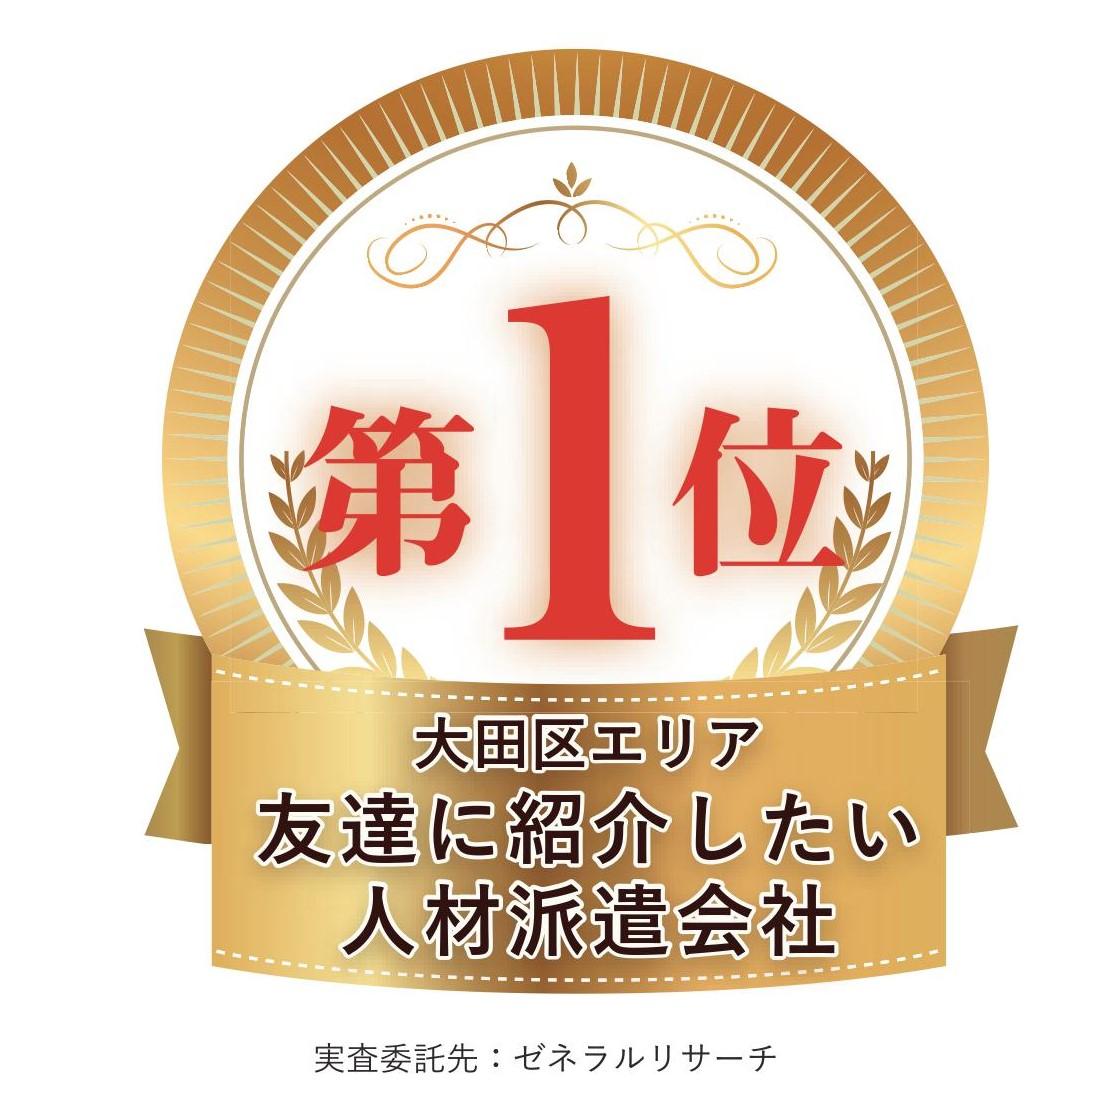 大田区エリア 友達に紹介したい人材派遣会社 第1位に選ばれました!